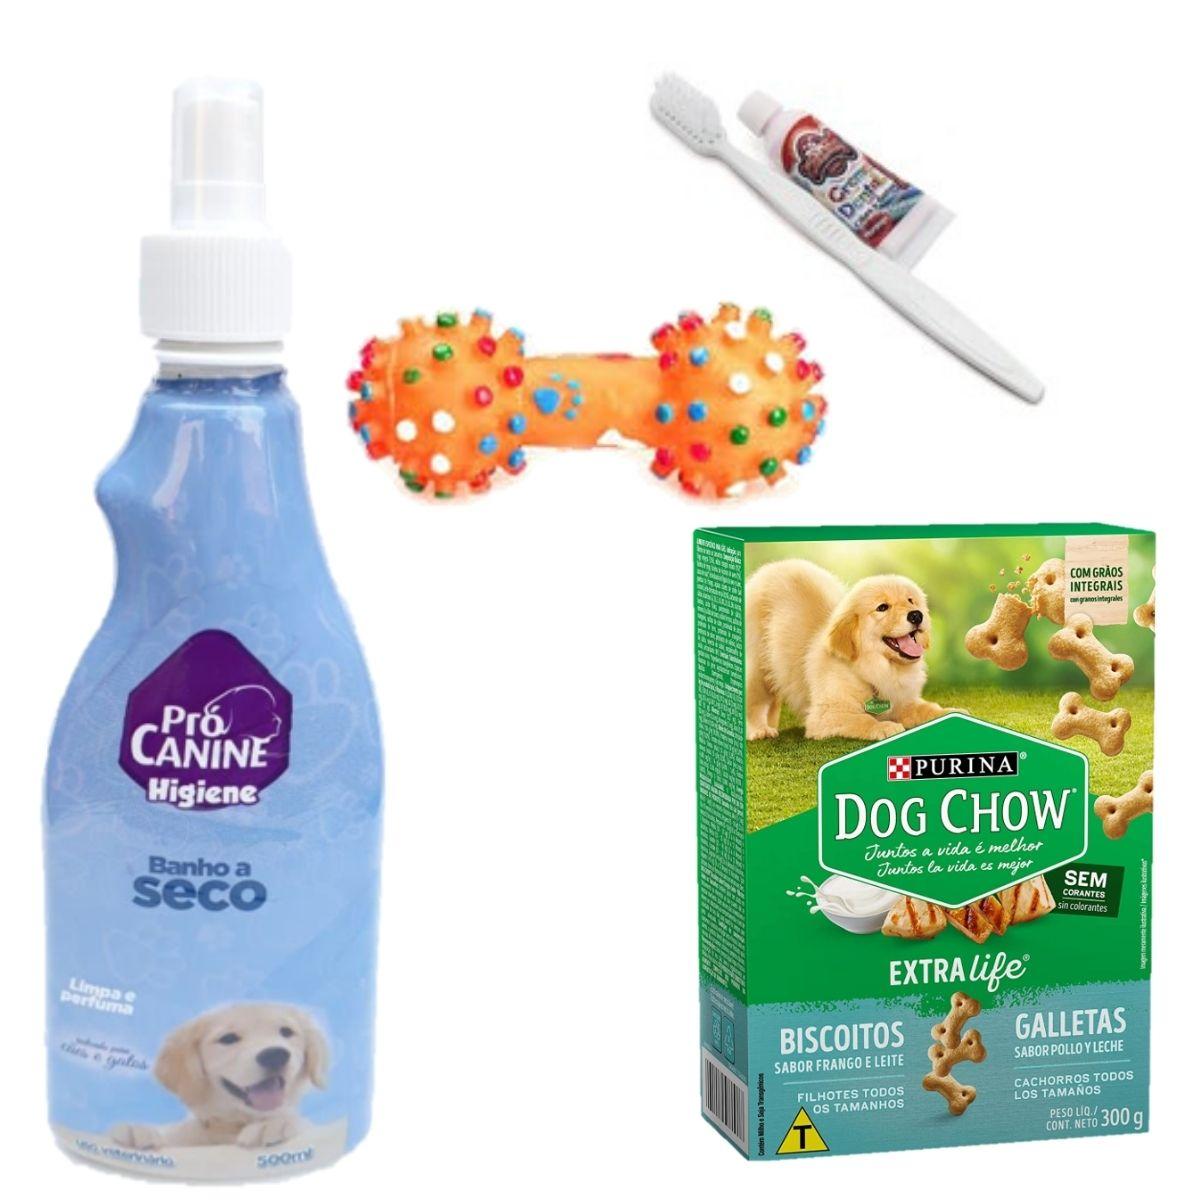 Kit Com 1Banho A Seco da pro canine + um caixa com 300 gramas de biscoito + brinquedo + escova e creme dental